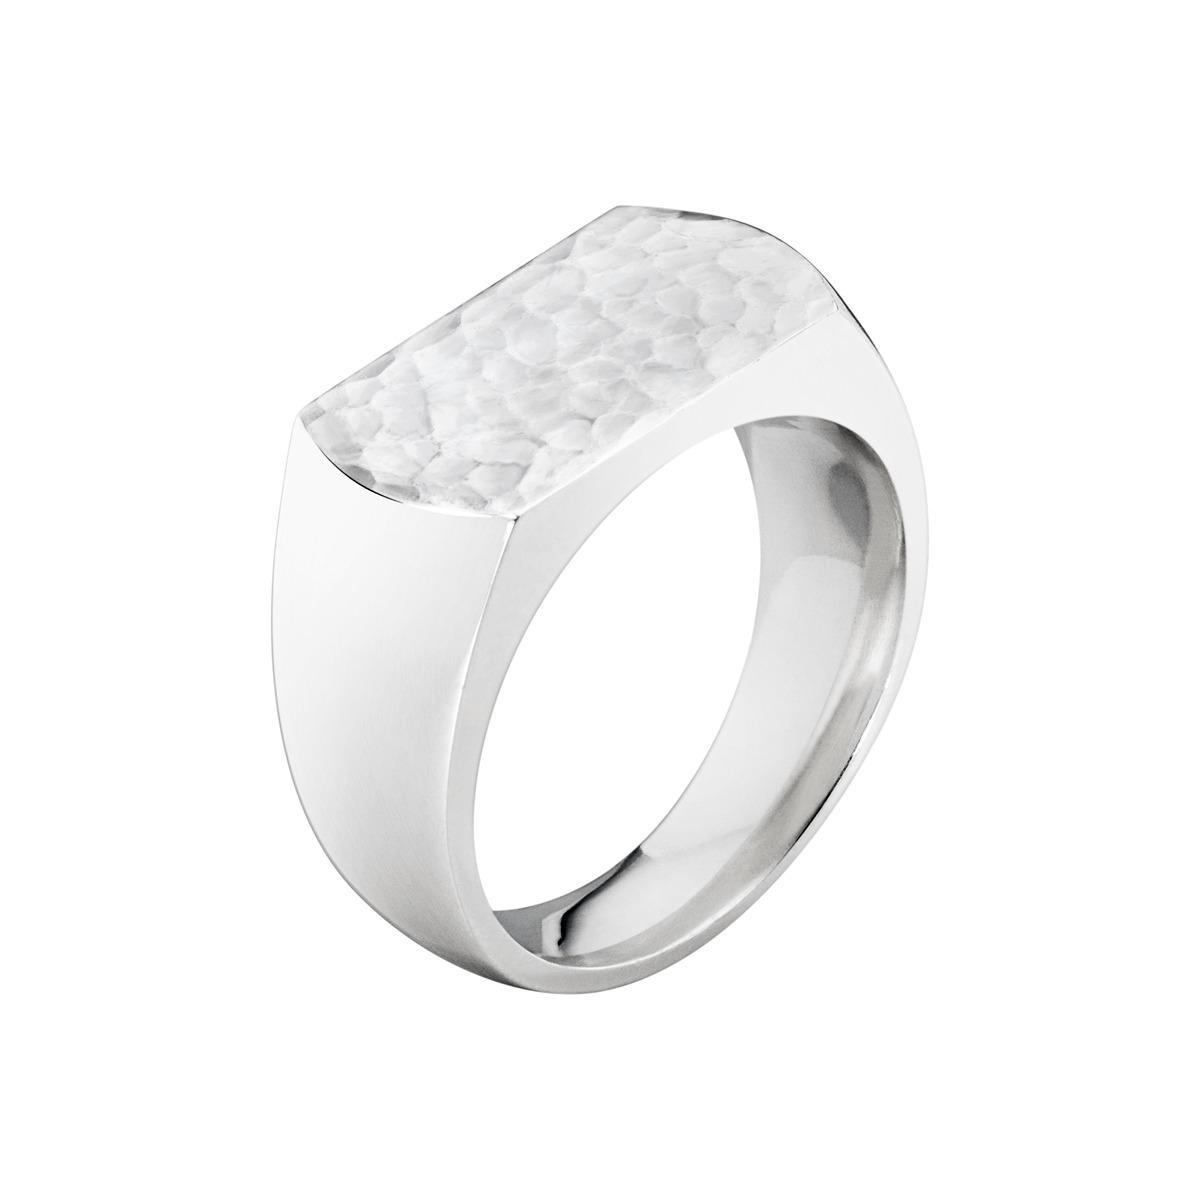 Georg jensen smithy herre ring - 3560080 sølv 63 fra georg jensen - smykker på brodersen + kobborg